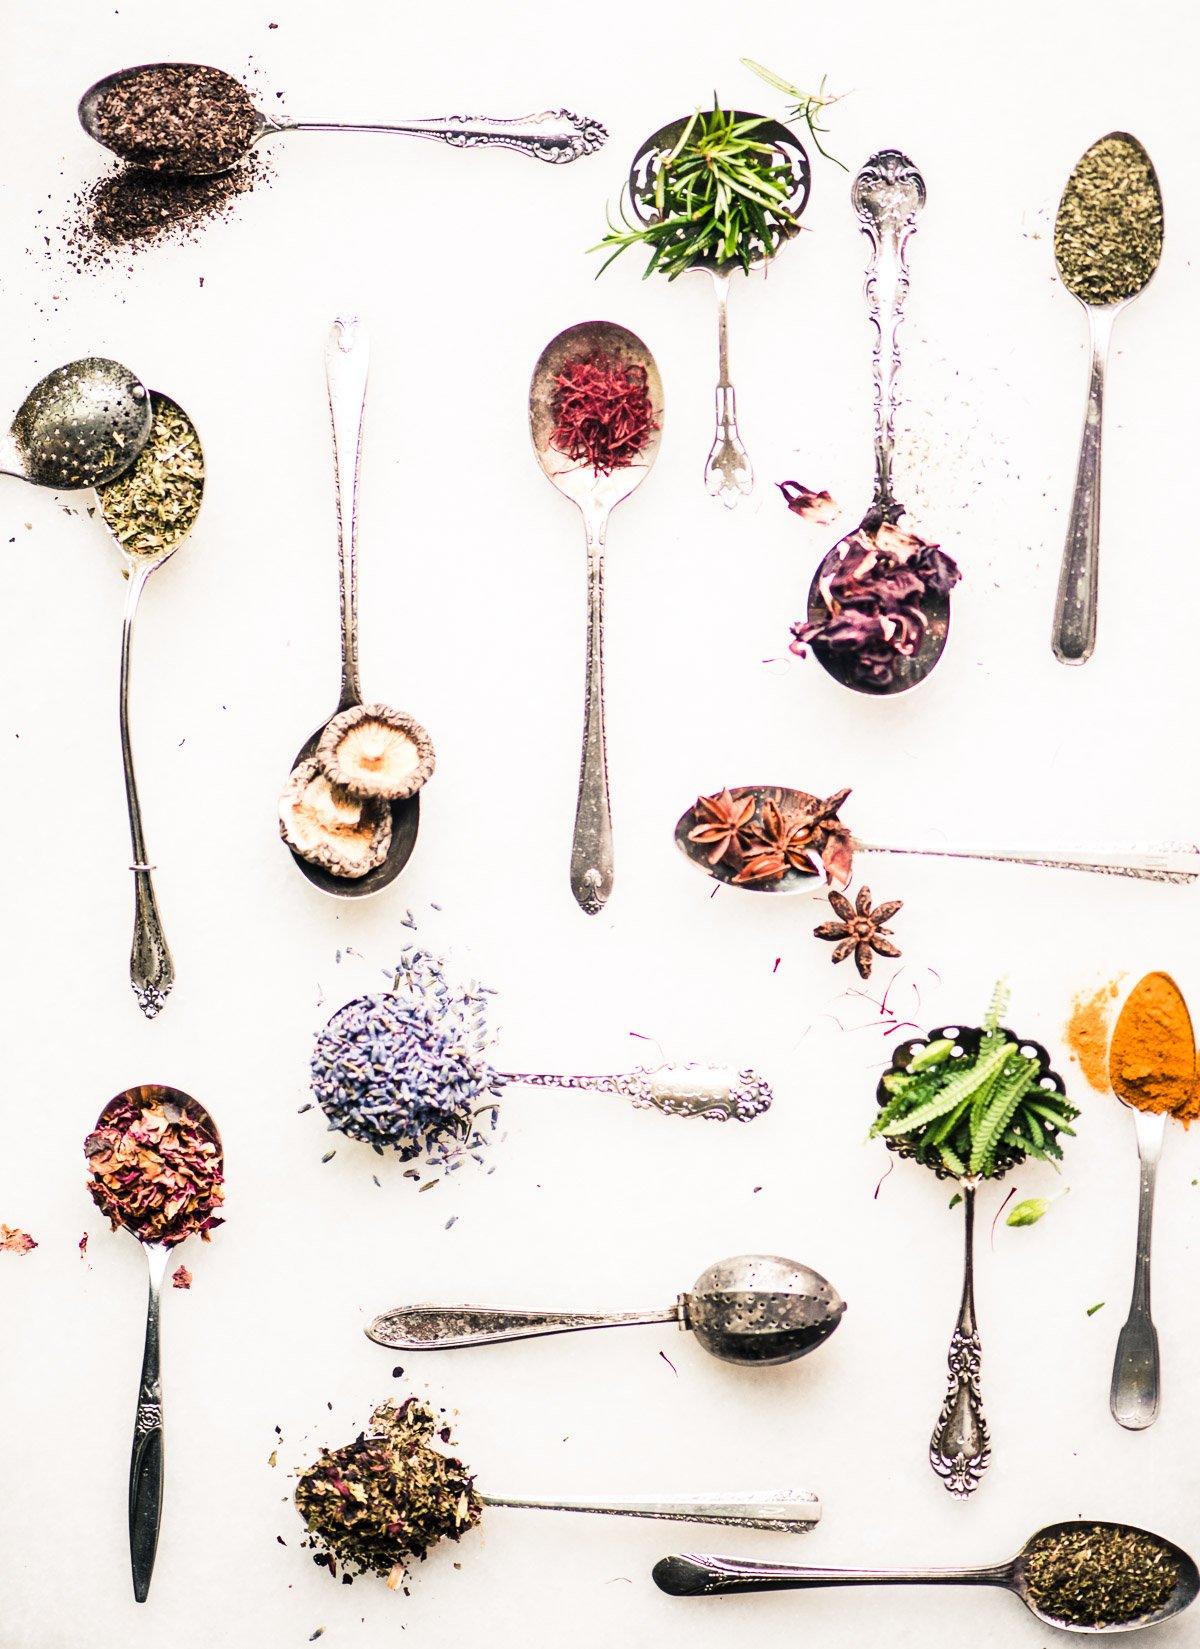 tea spoons with various tea ingredients